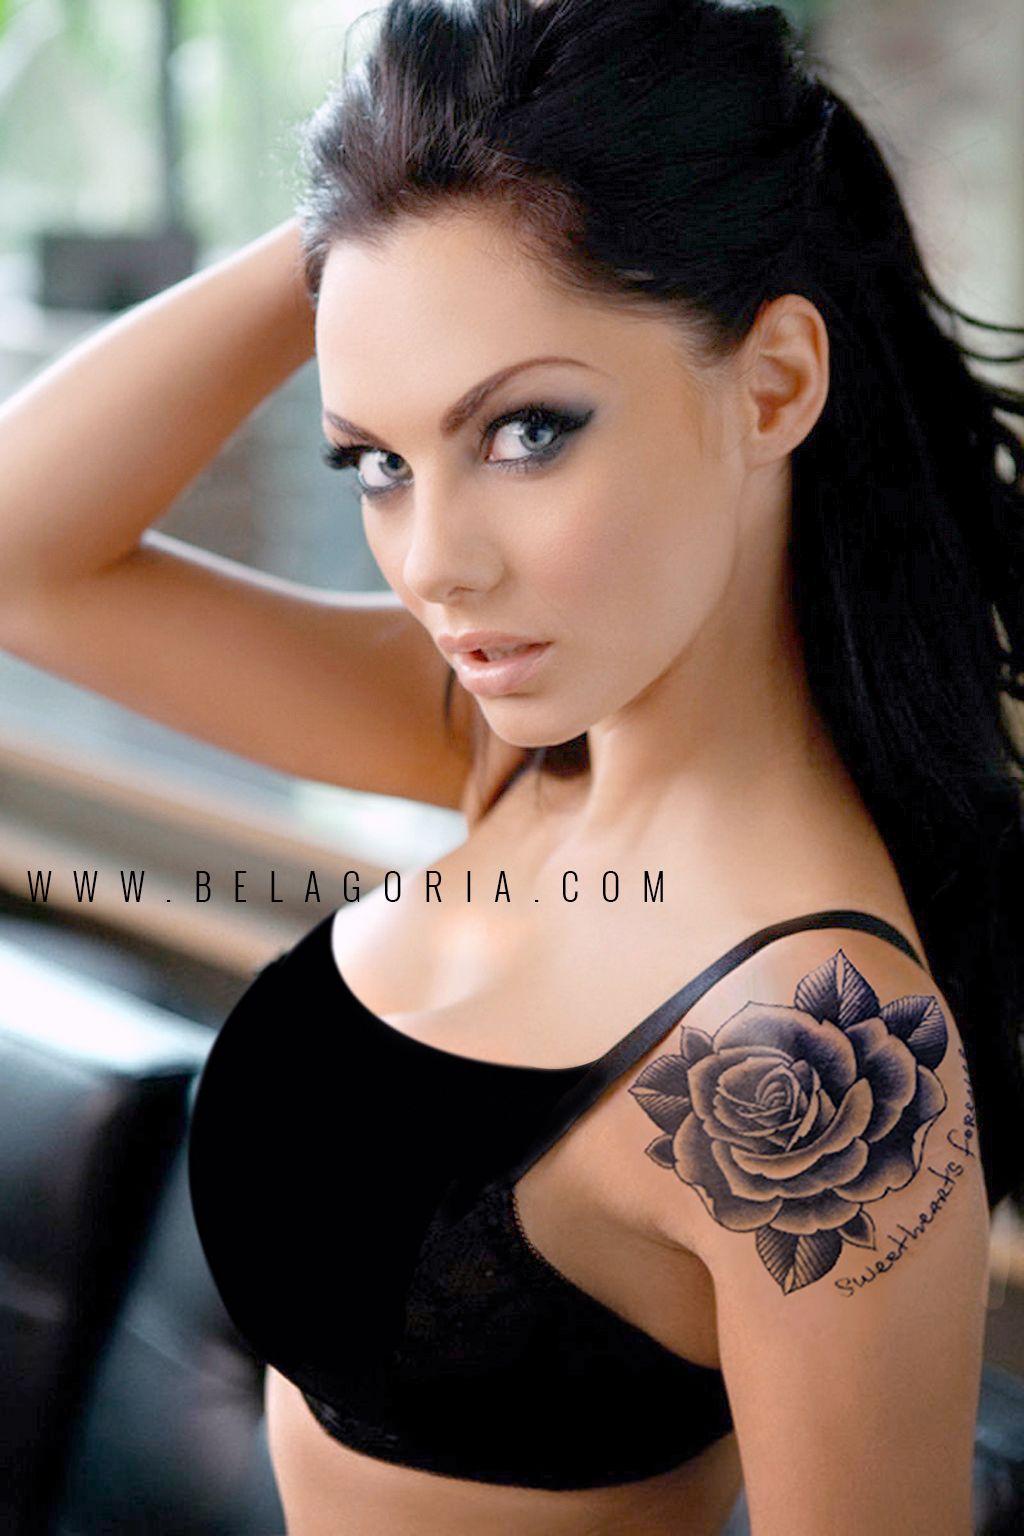 Tatuajes De Rosas Femeninas Que Color Escoger Belagoria La Web